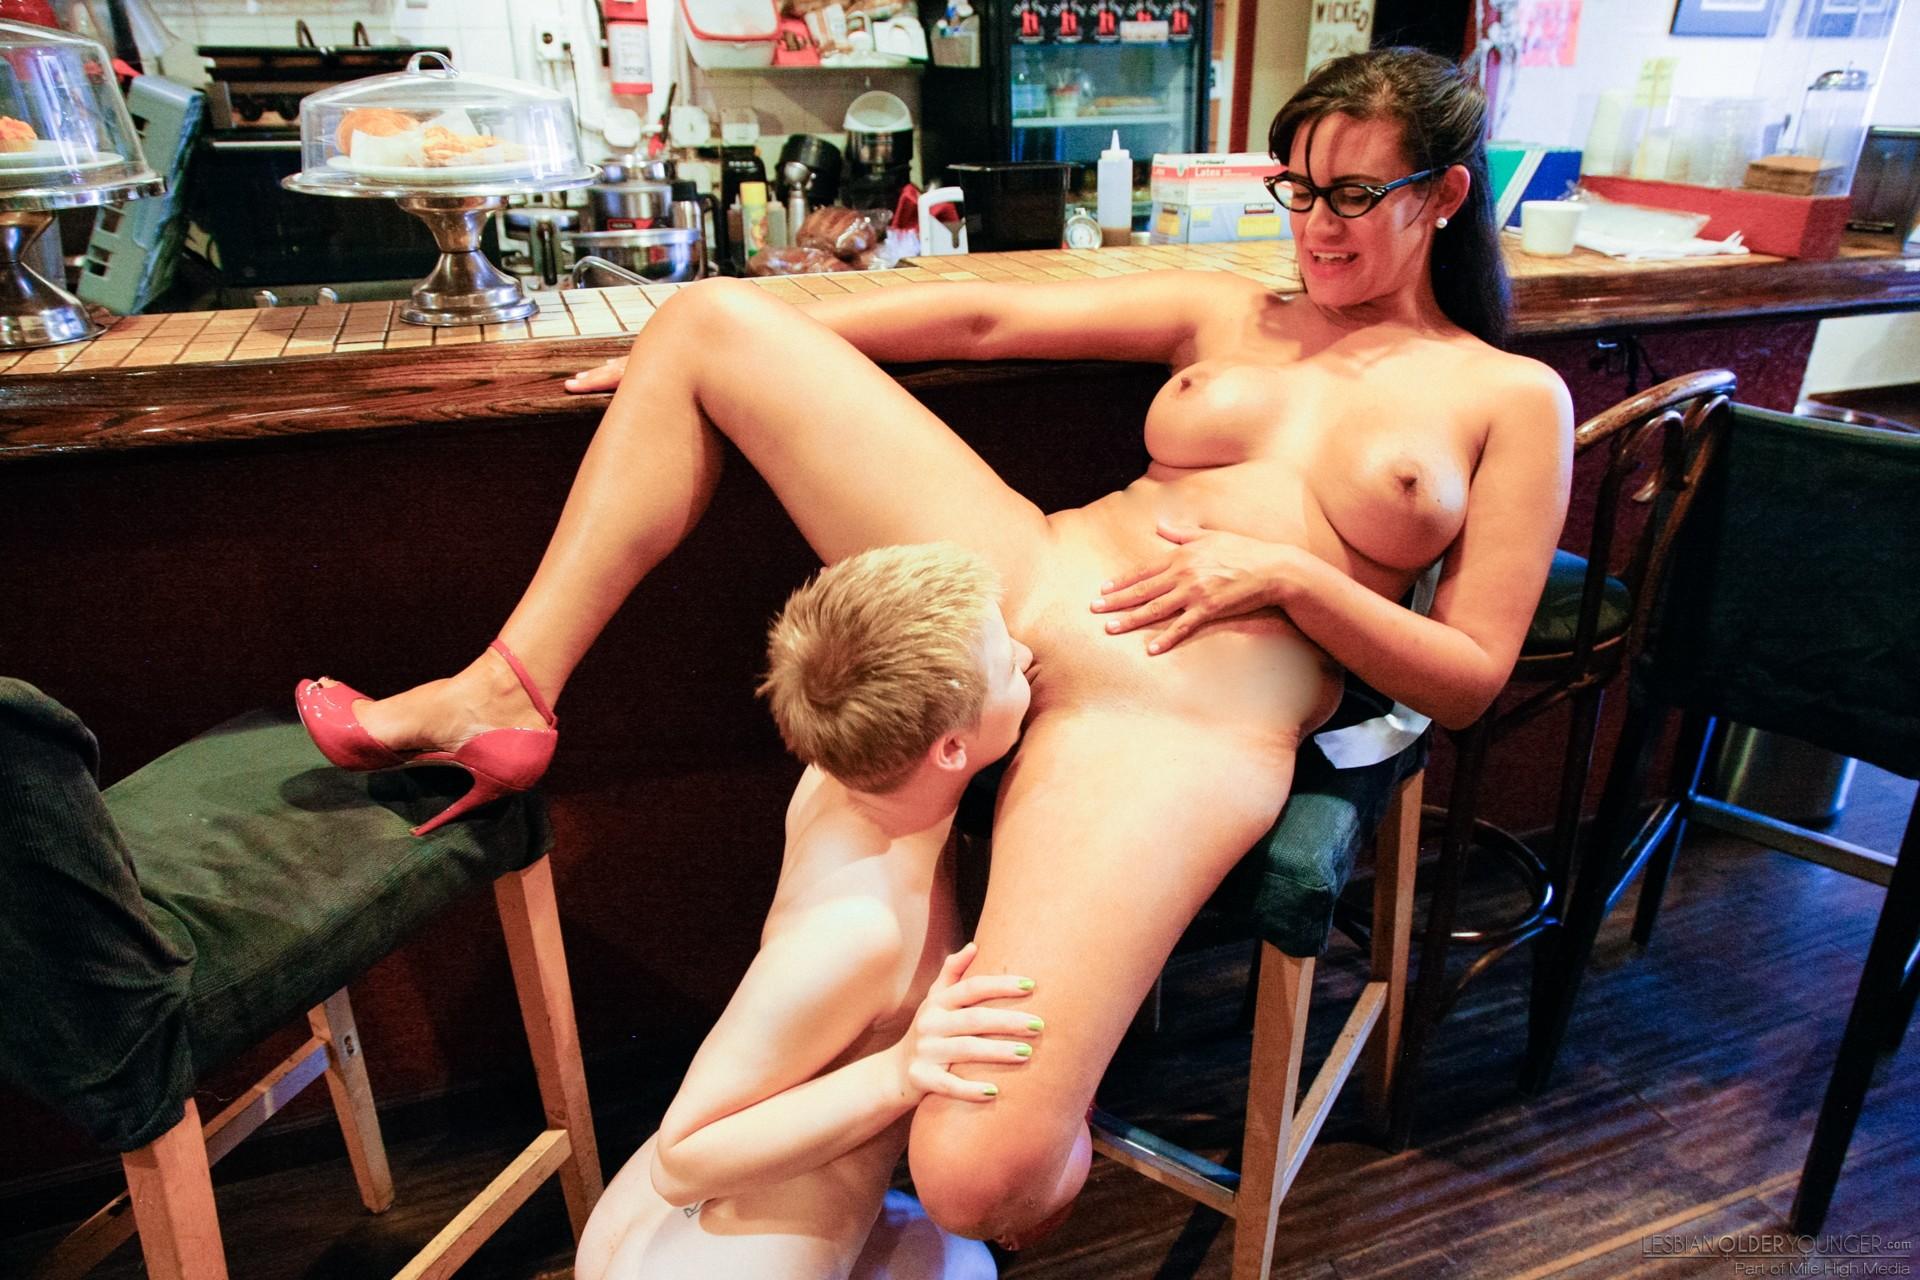 Джессикой оприходована парикмахером порно после стрижки видео трахает жену